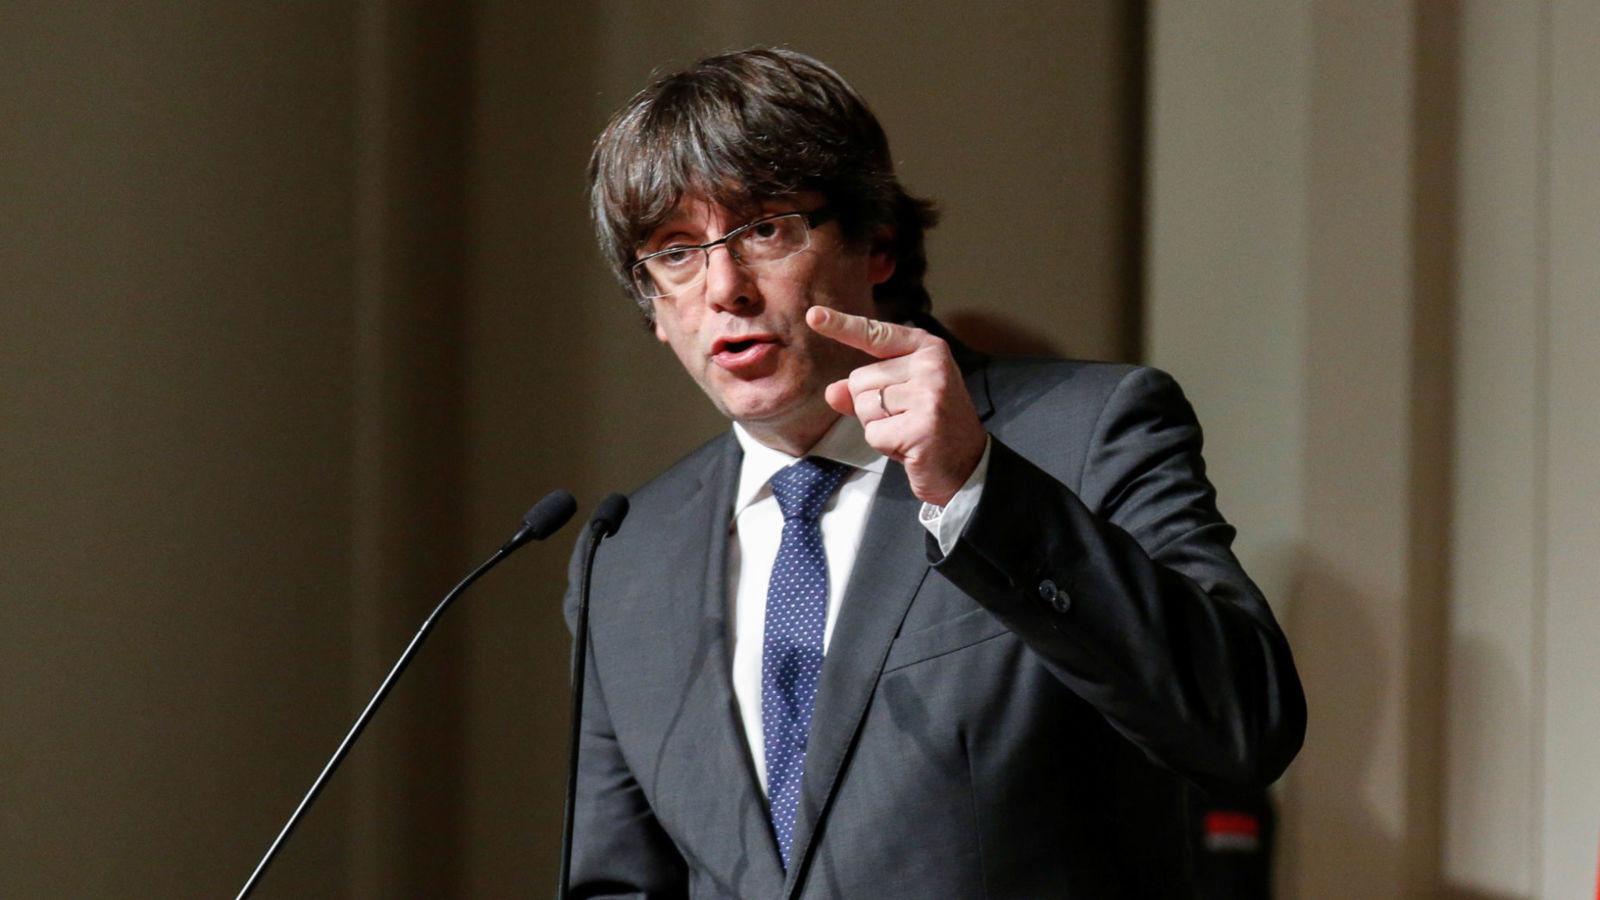 Lëshohet urdhër arresti ndërkombëtar për ish-kryeministrin katalanas